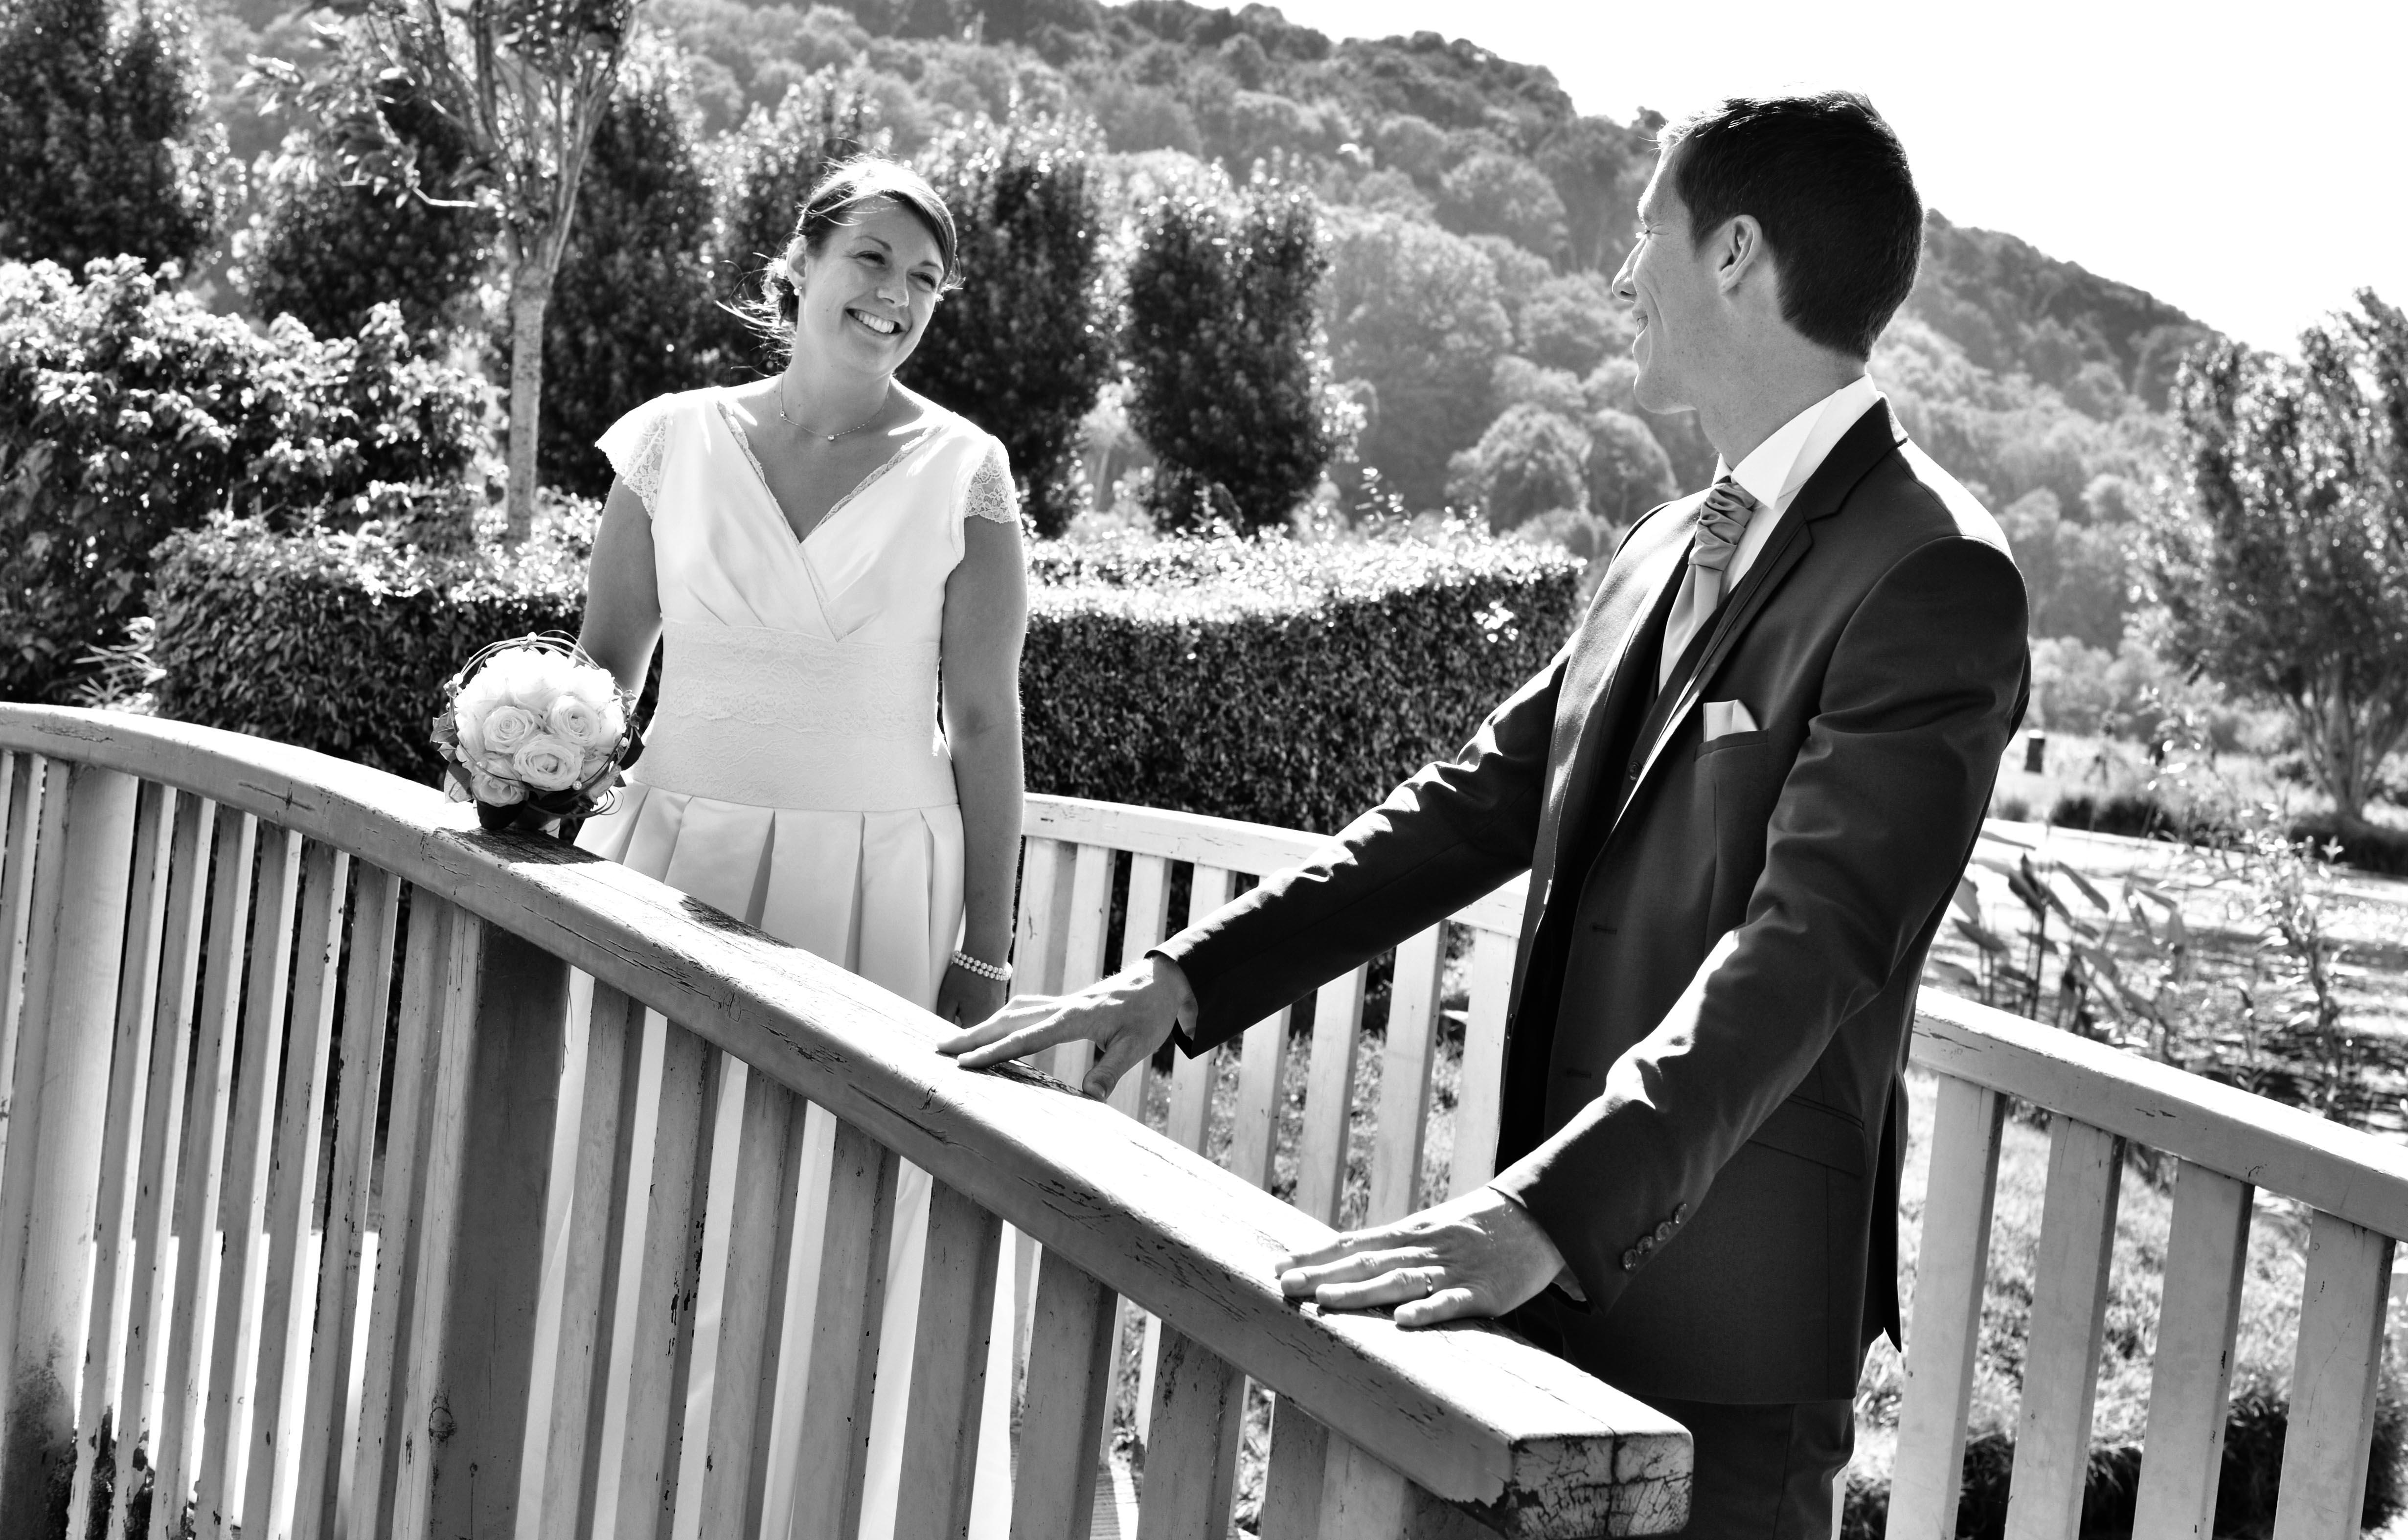 Mariages, événements familiaux